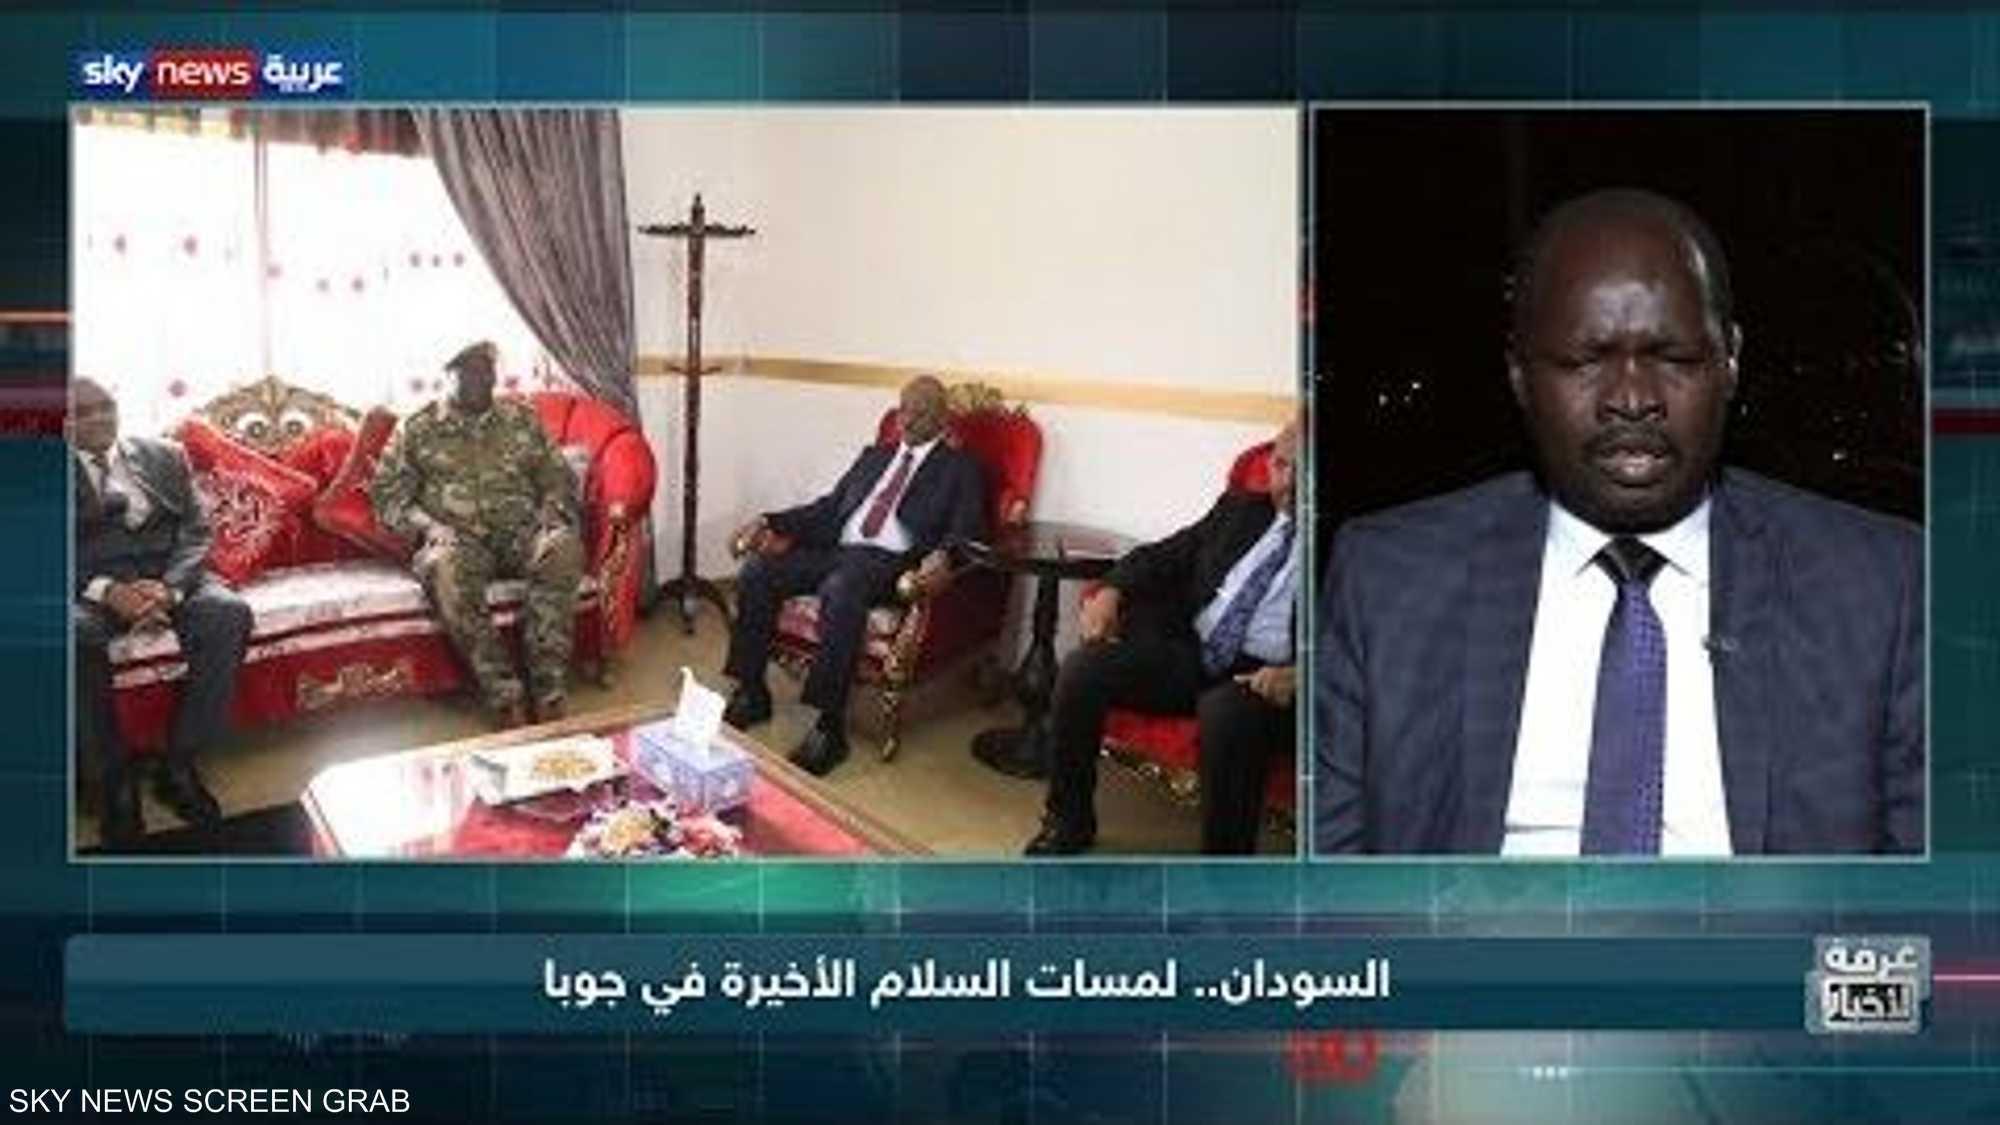 السودان.. لمسات السلام الأخيرة في جوبا